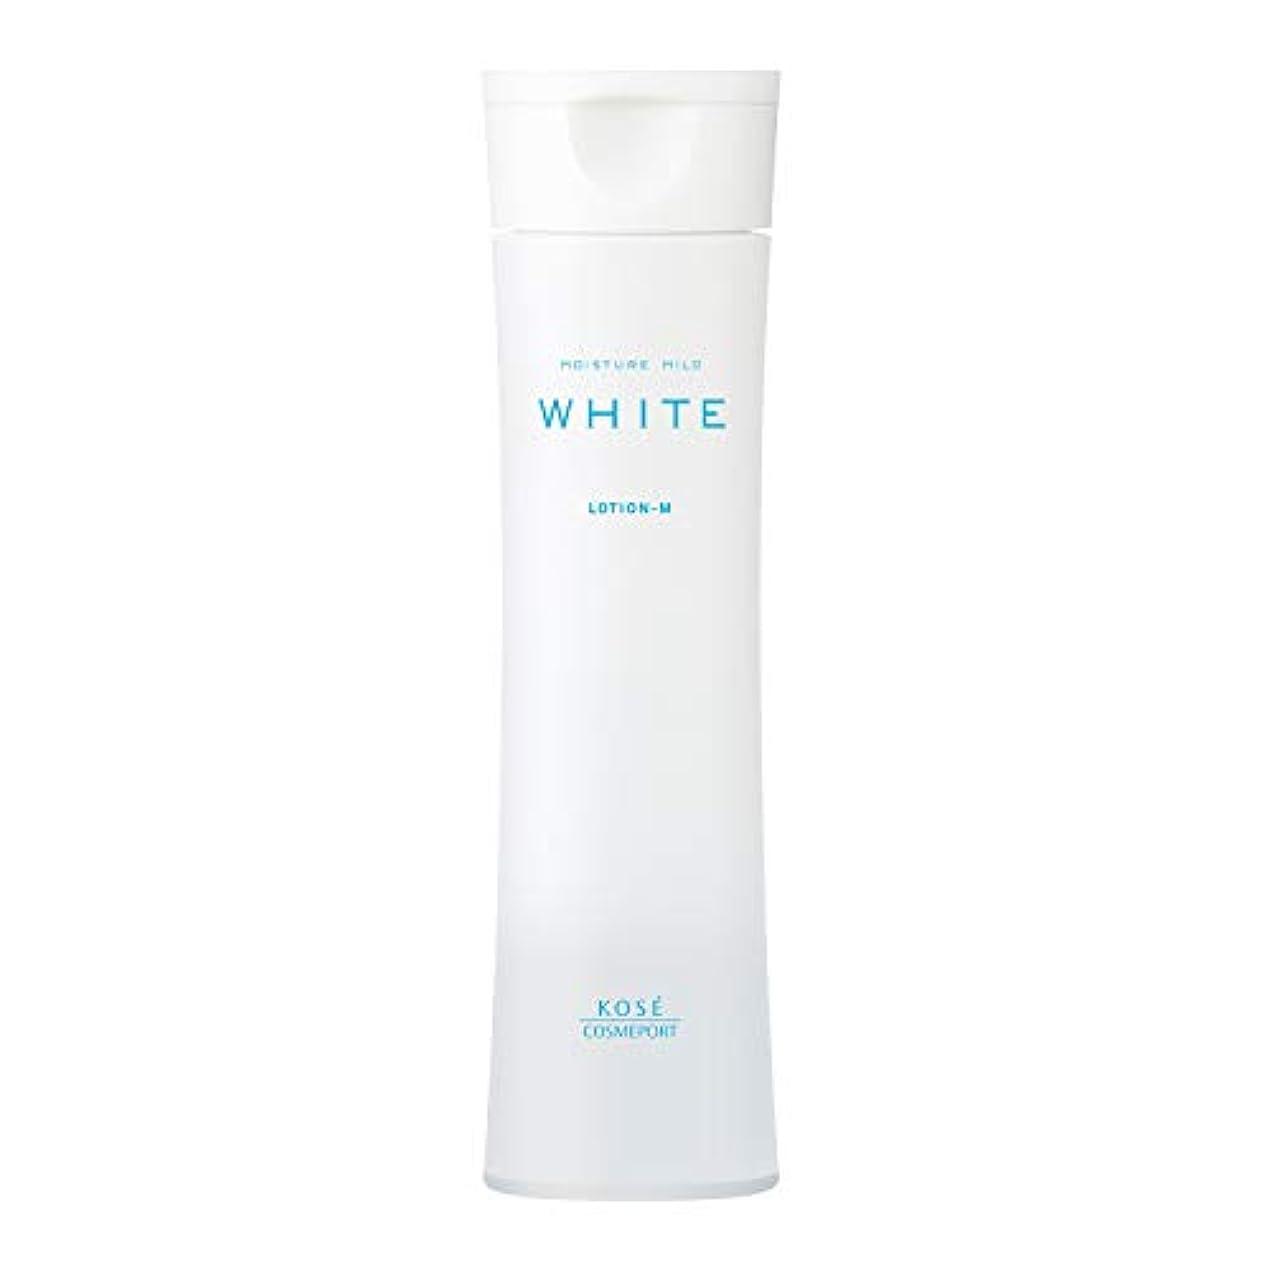 迷彩きしむ不足モイスチュアマイルド ホワイト ローションM (しっとり 化粧水) 180mL